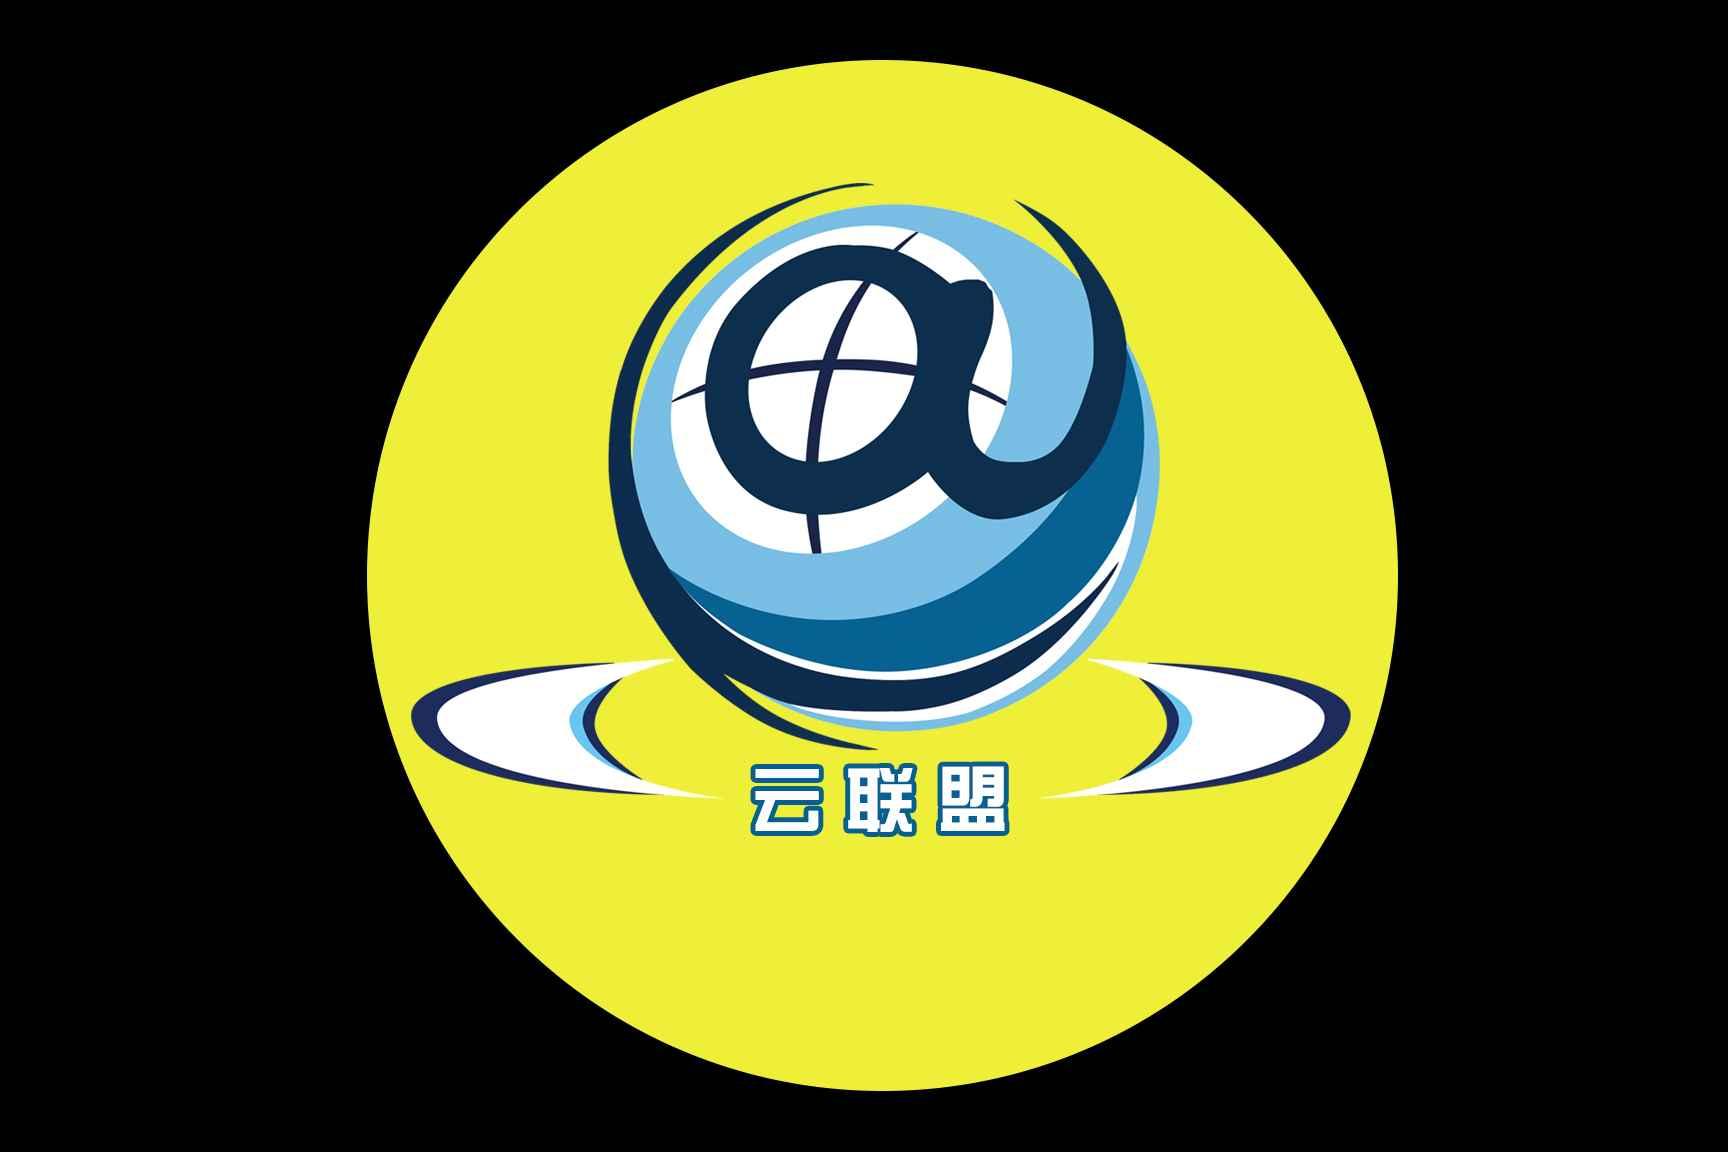 江西苗灵生物科技有限公司